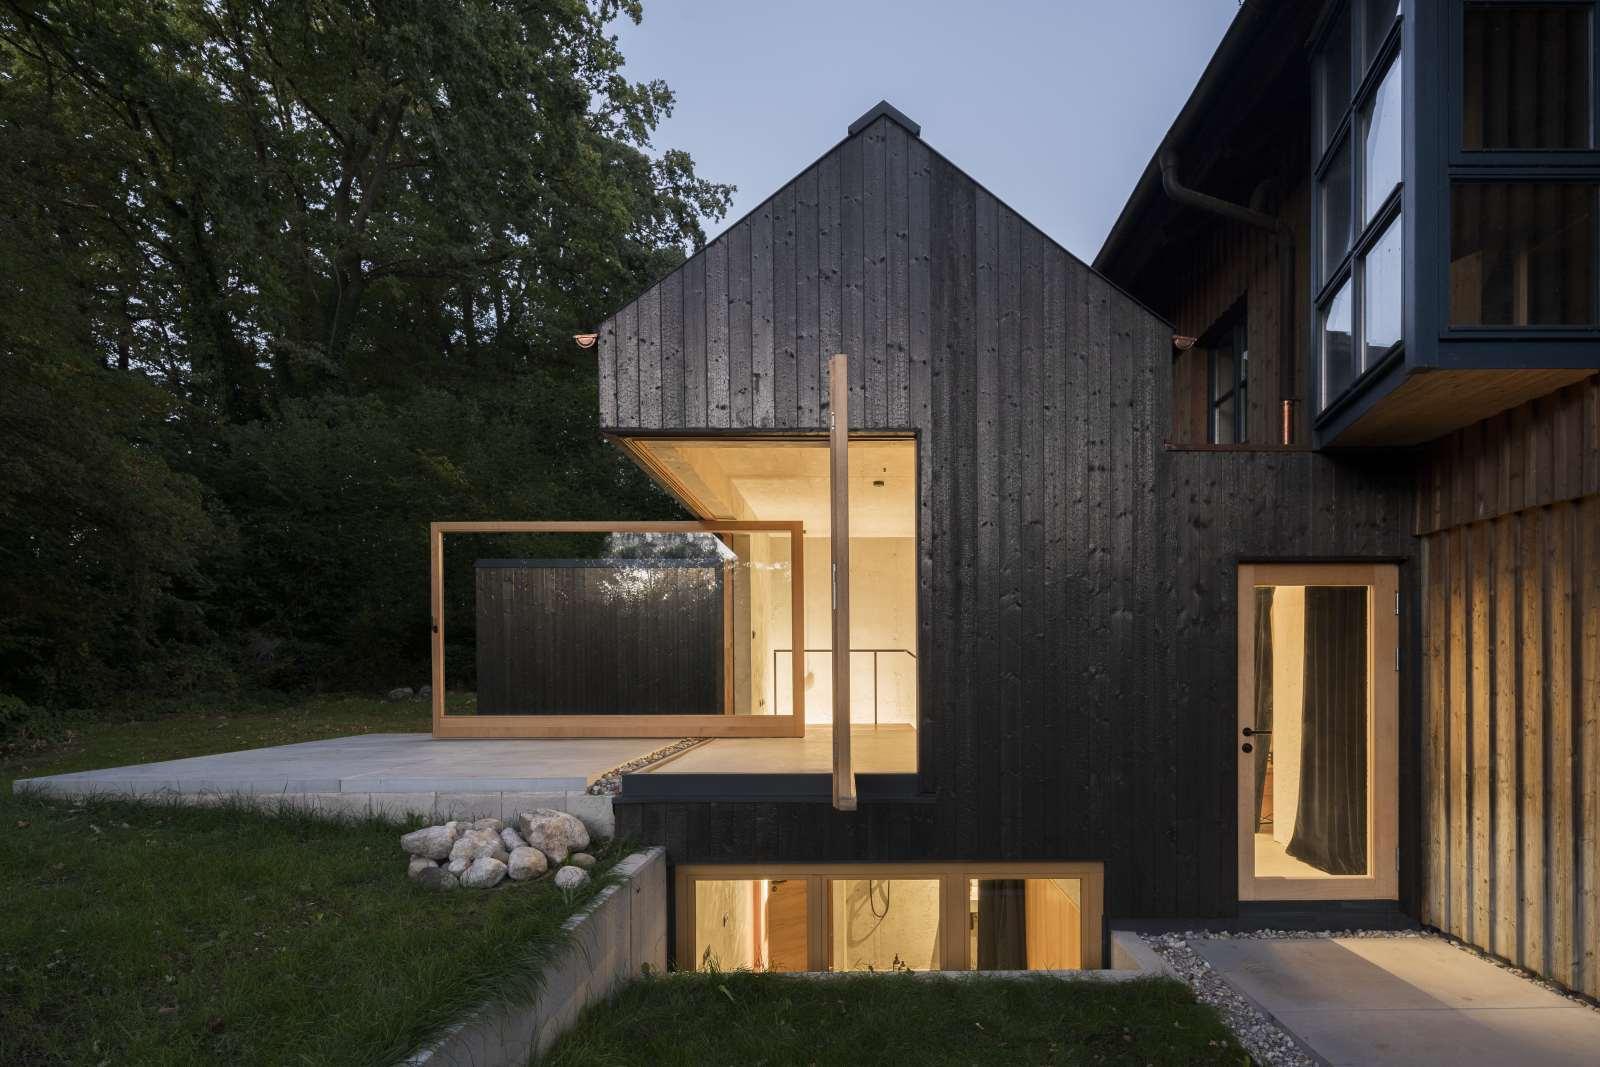 Kleine Haus von außen mit schwarzer Holzfassade